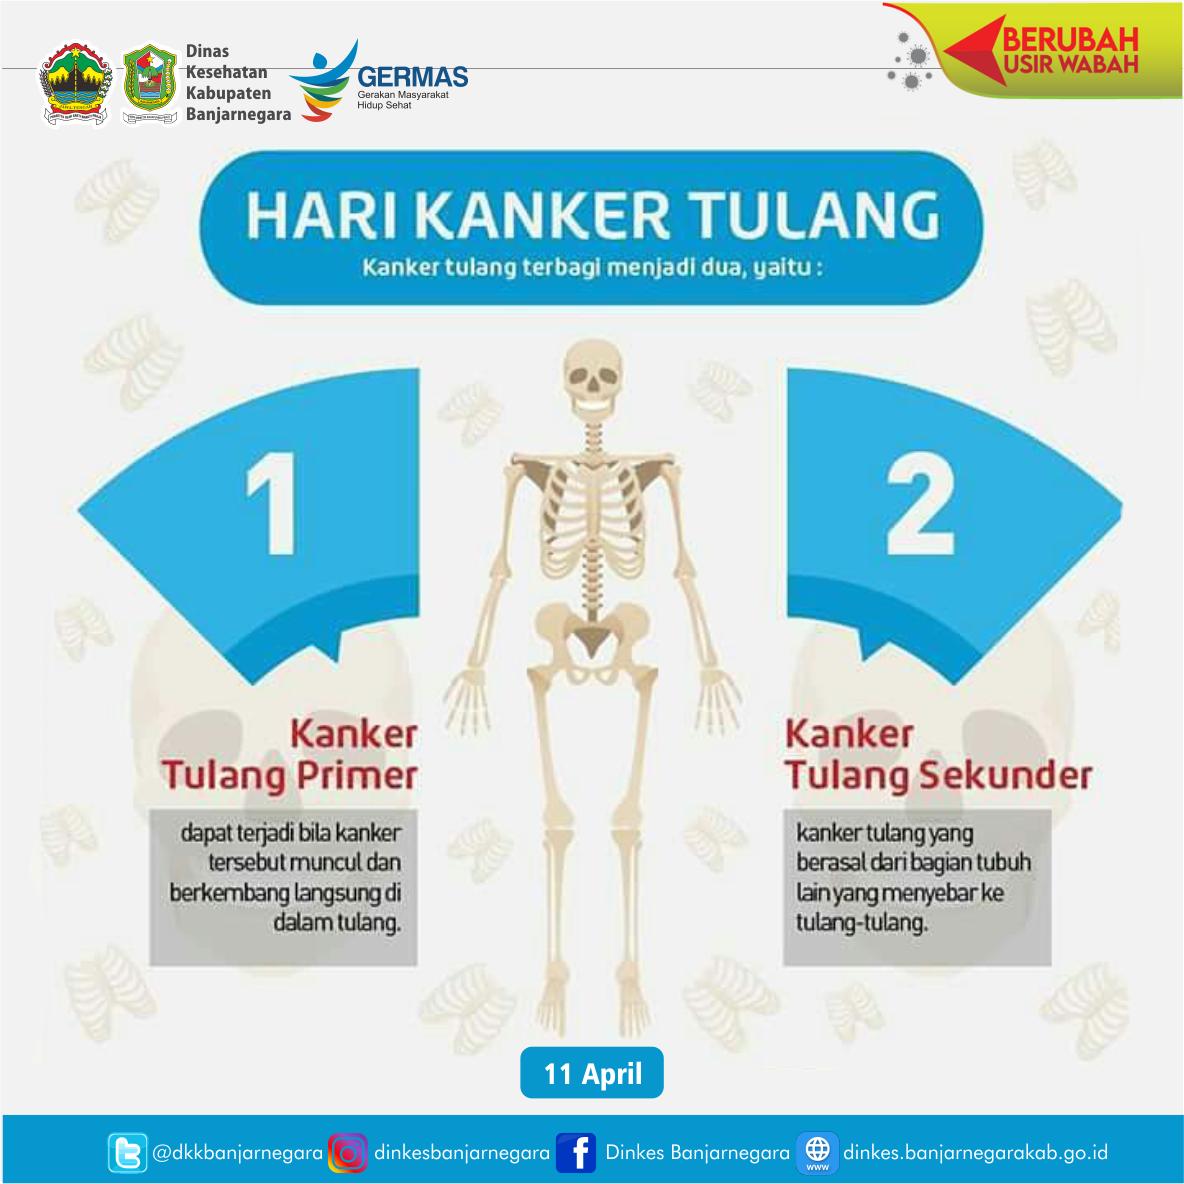 Hari Kanker Tulang || 11 April 2021